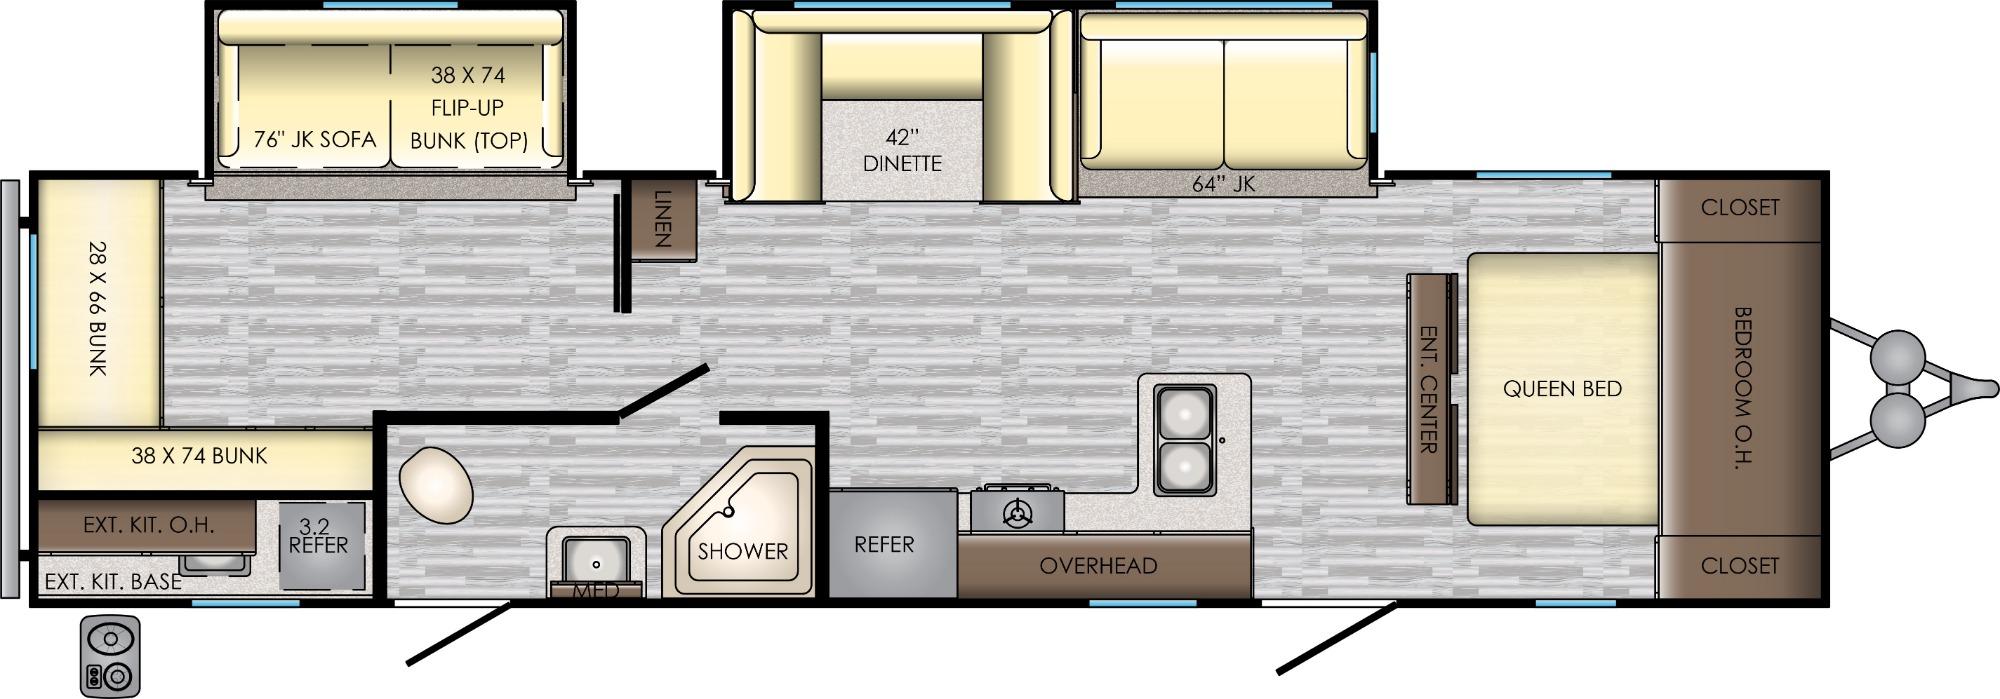 View Floor Plan for 2020 CROSSROADS ZINGER 328SB